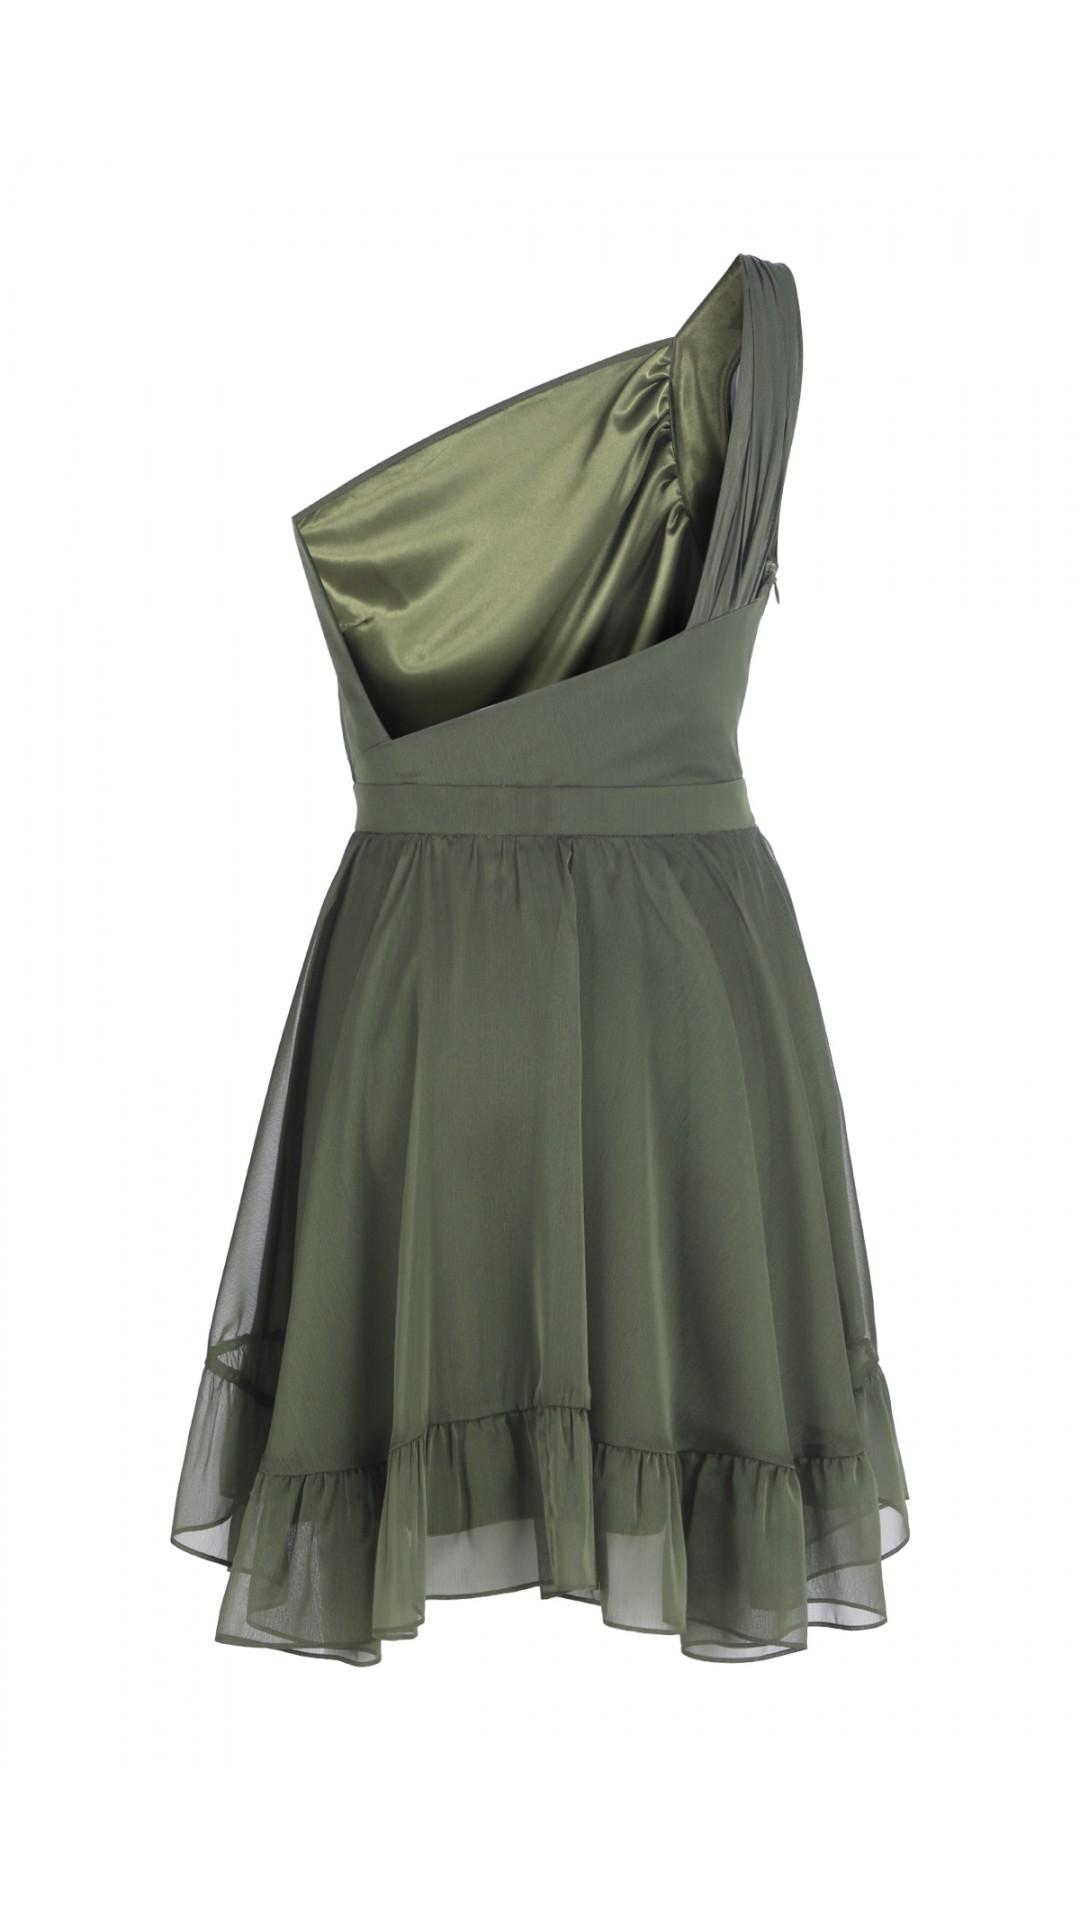 CHIFFON GREEN DRESS